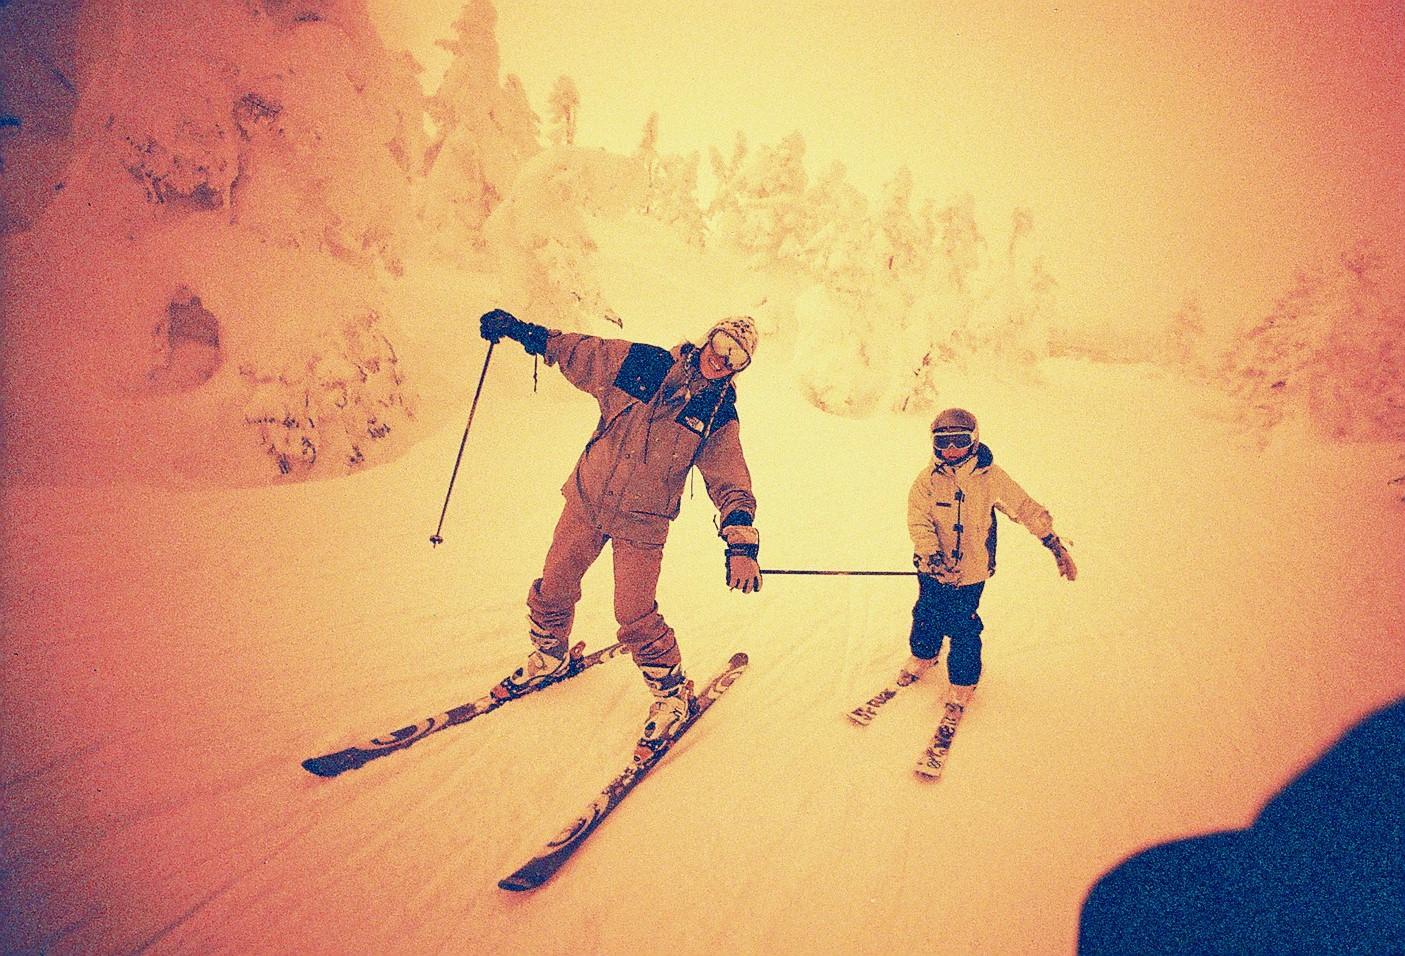 これからスキーの季節